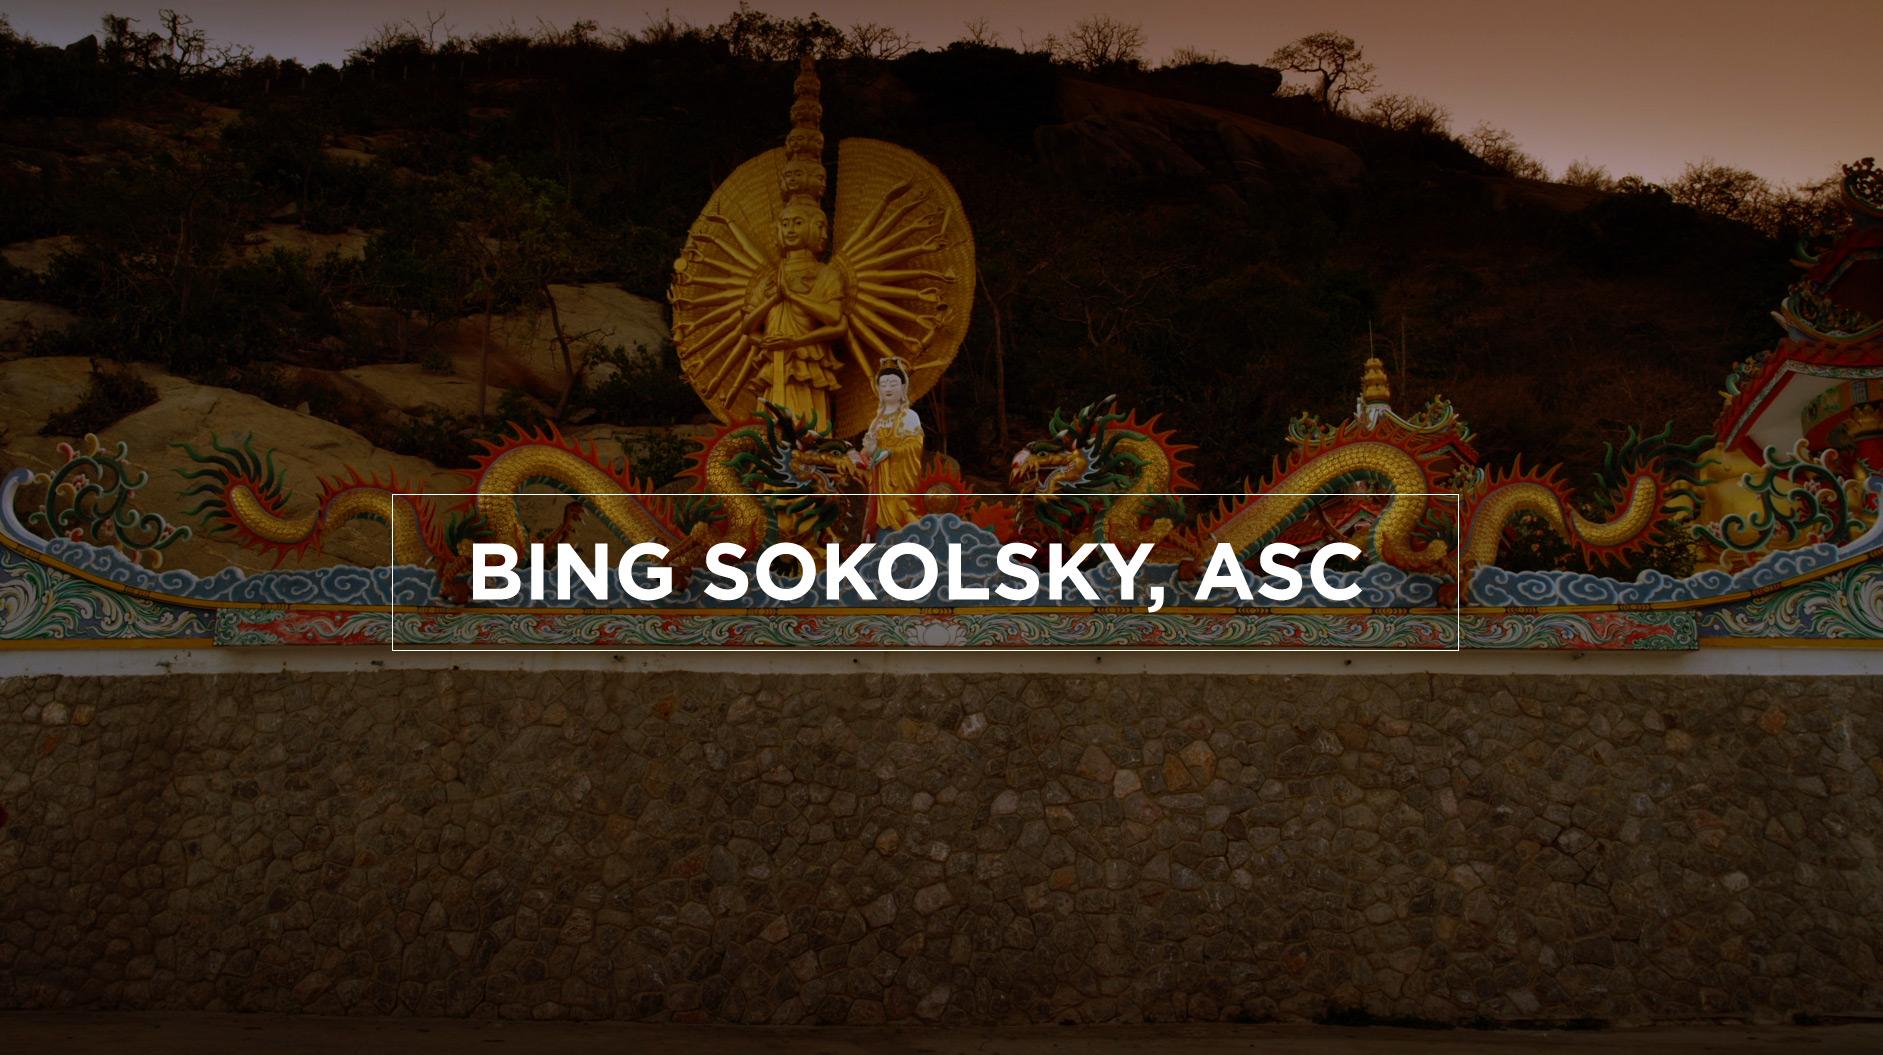 Bing Sokolsky, ASC